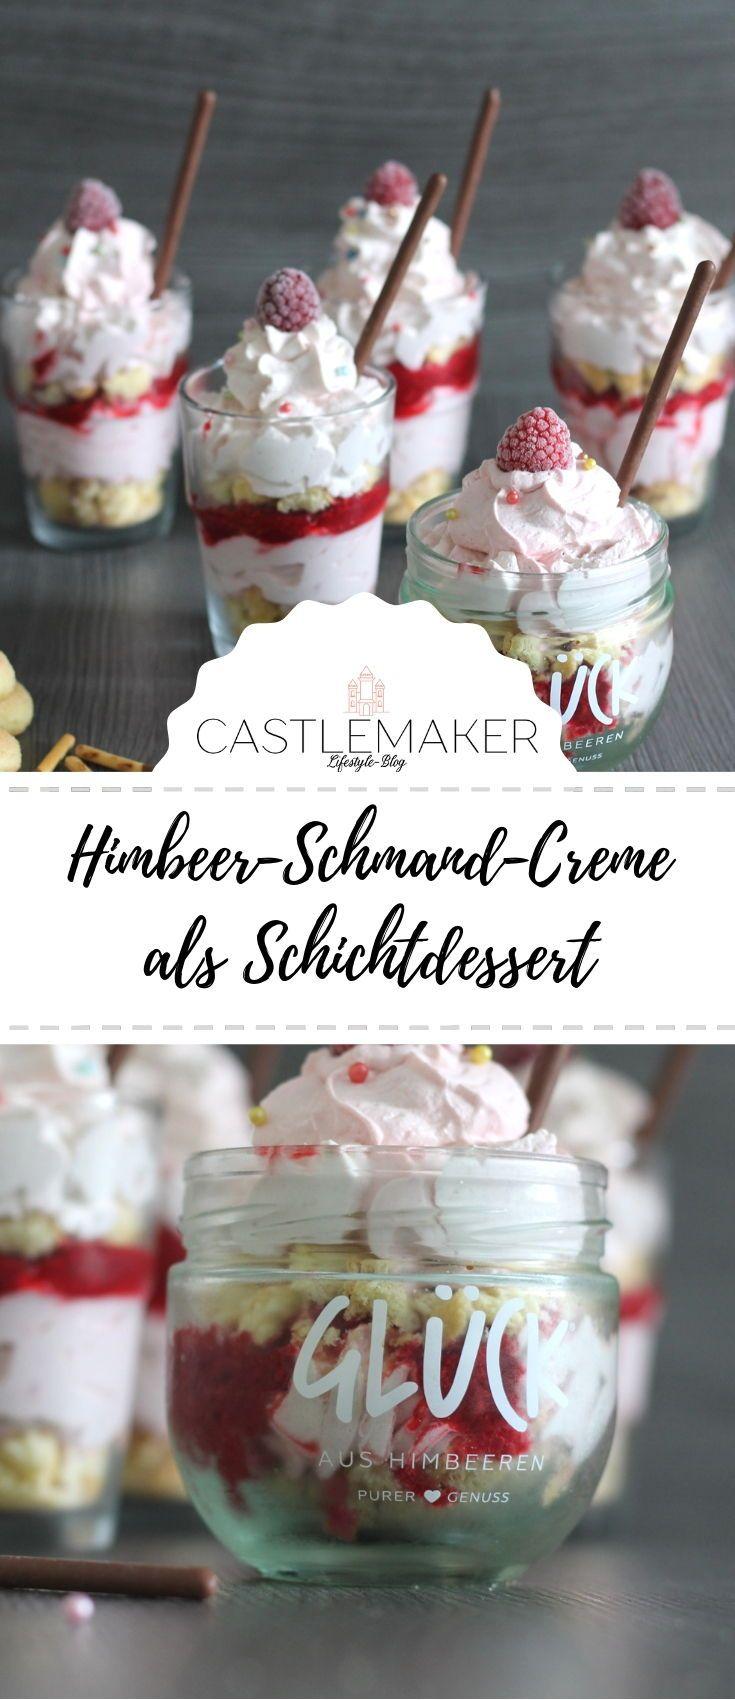 Himbeer-Schmand-Creme als Schichtdessert im Glas